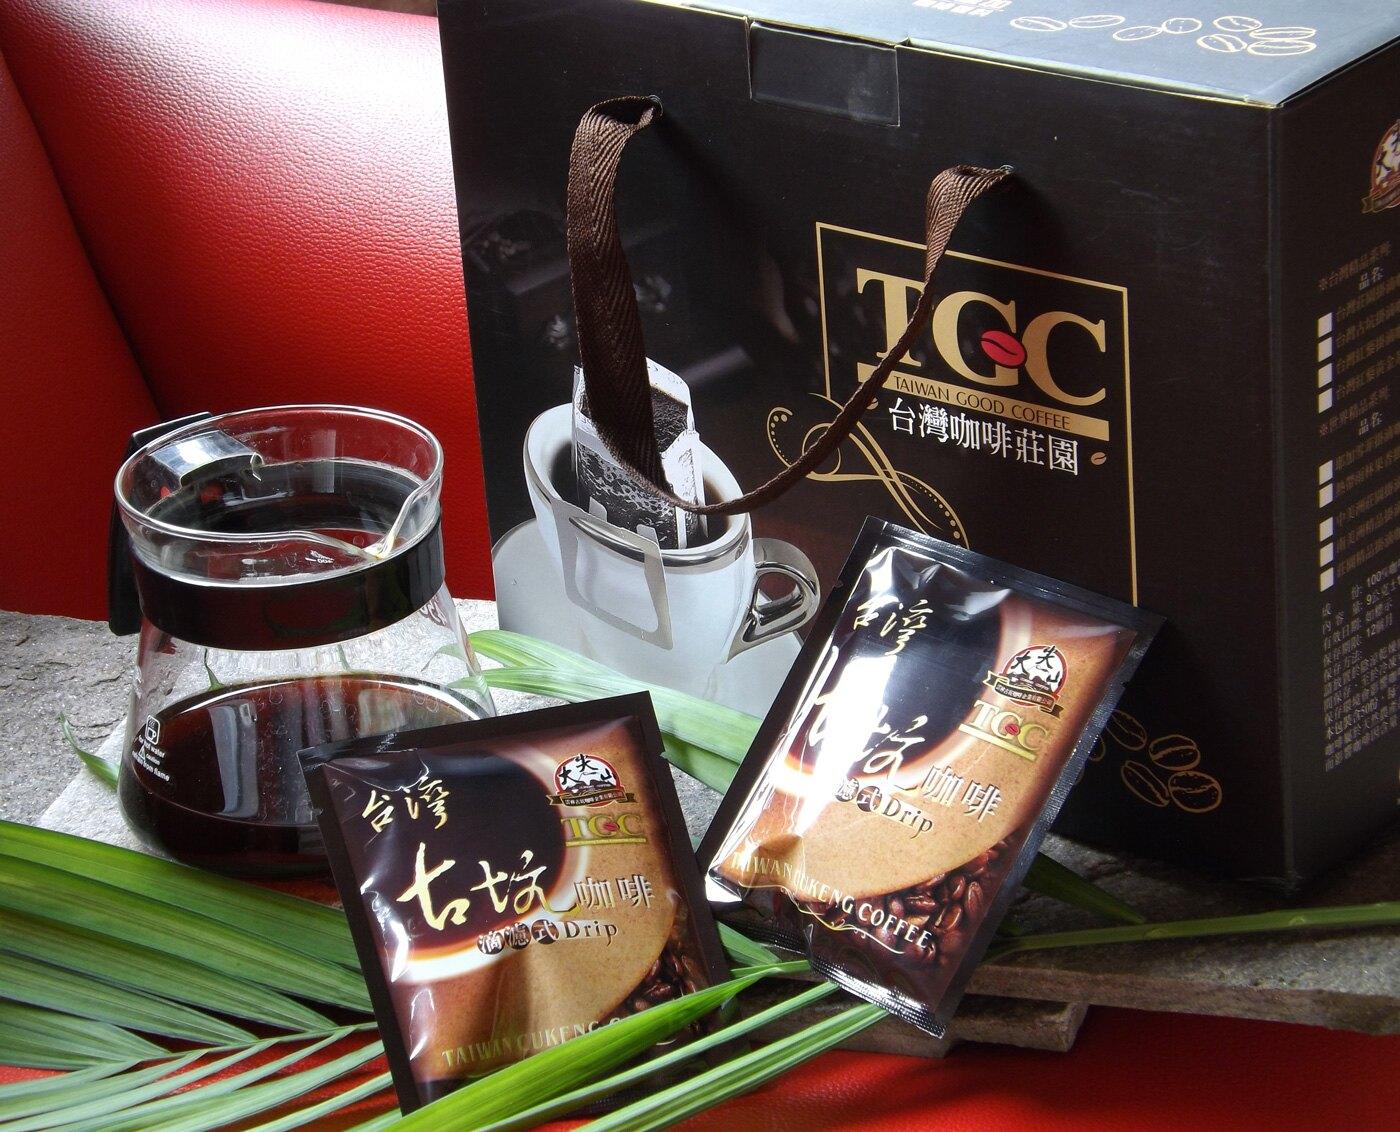 【TGC】台灣古坑濾掛式咖啡 50包,下訂後即新鮮烘培,100%阿拉比卡種單品莊園咖啡豆